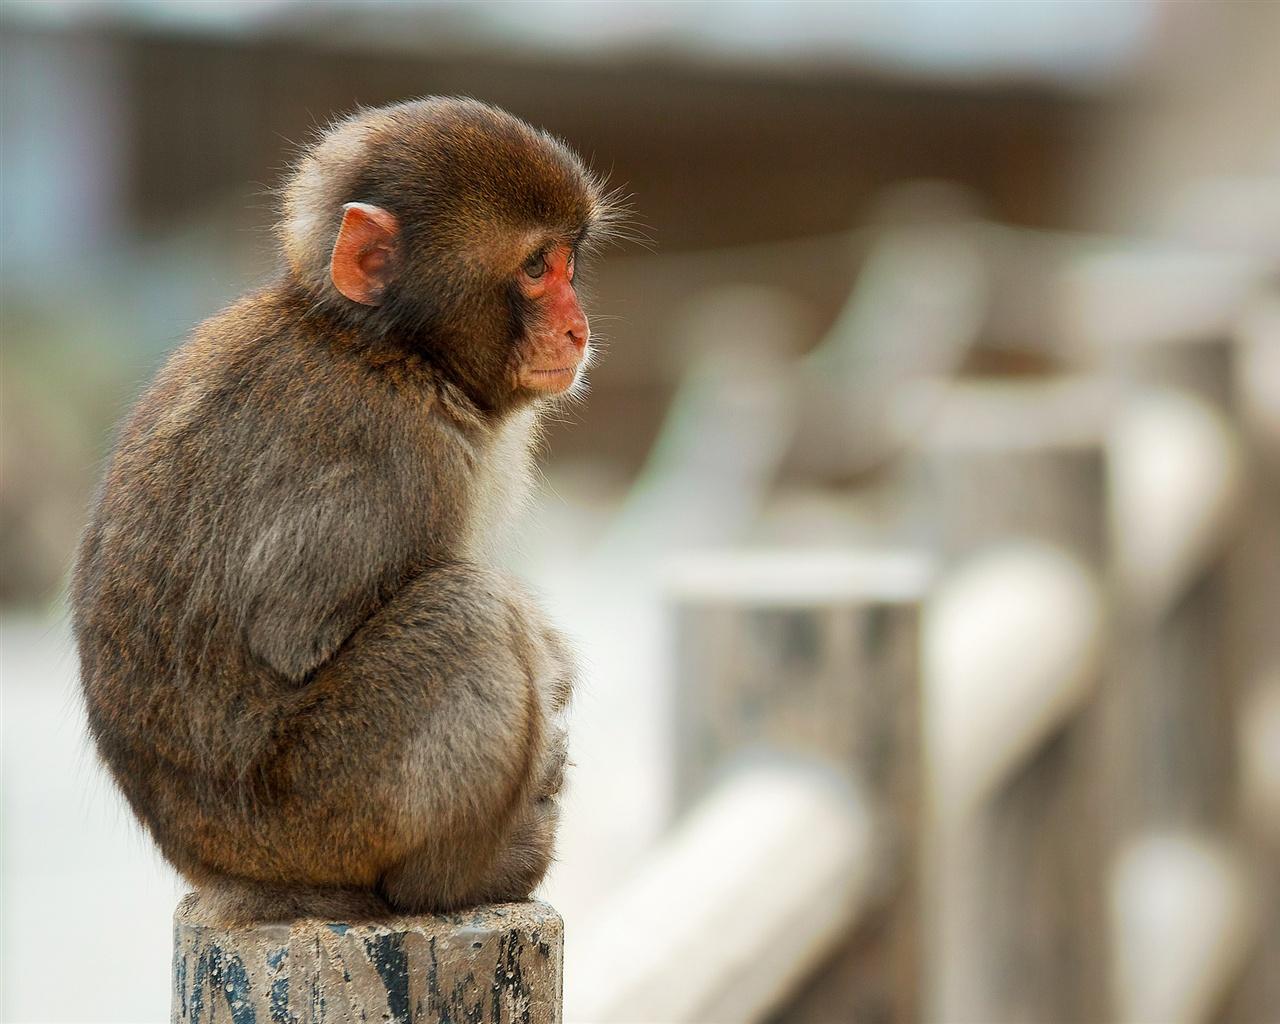 돌로 울타리에 앉아 짧은 꼬리 원숭이 원숭이 배경 ... Sitting